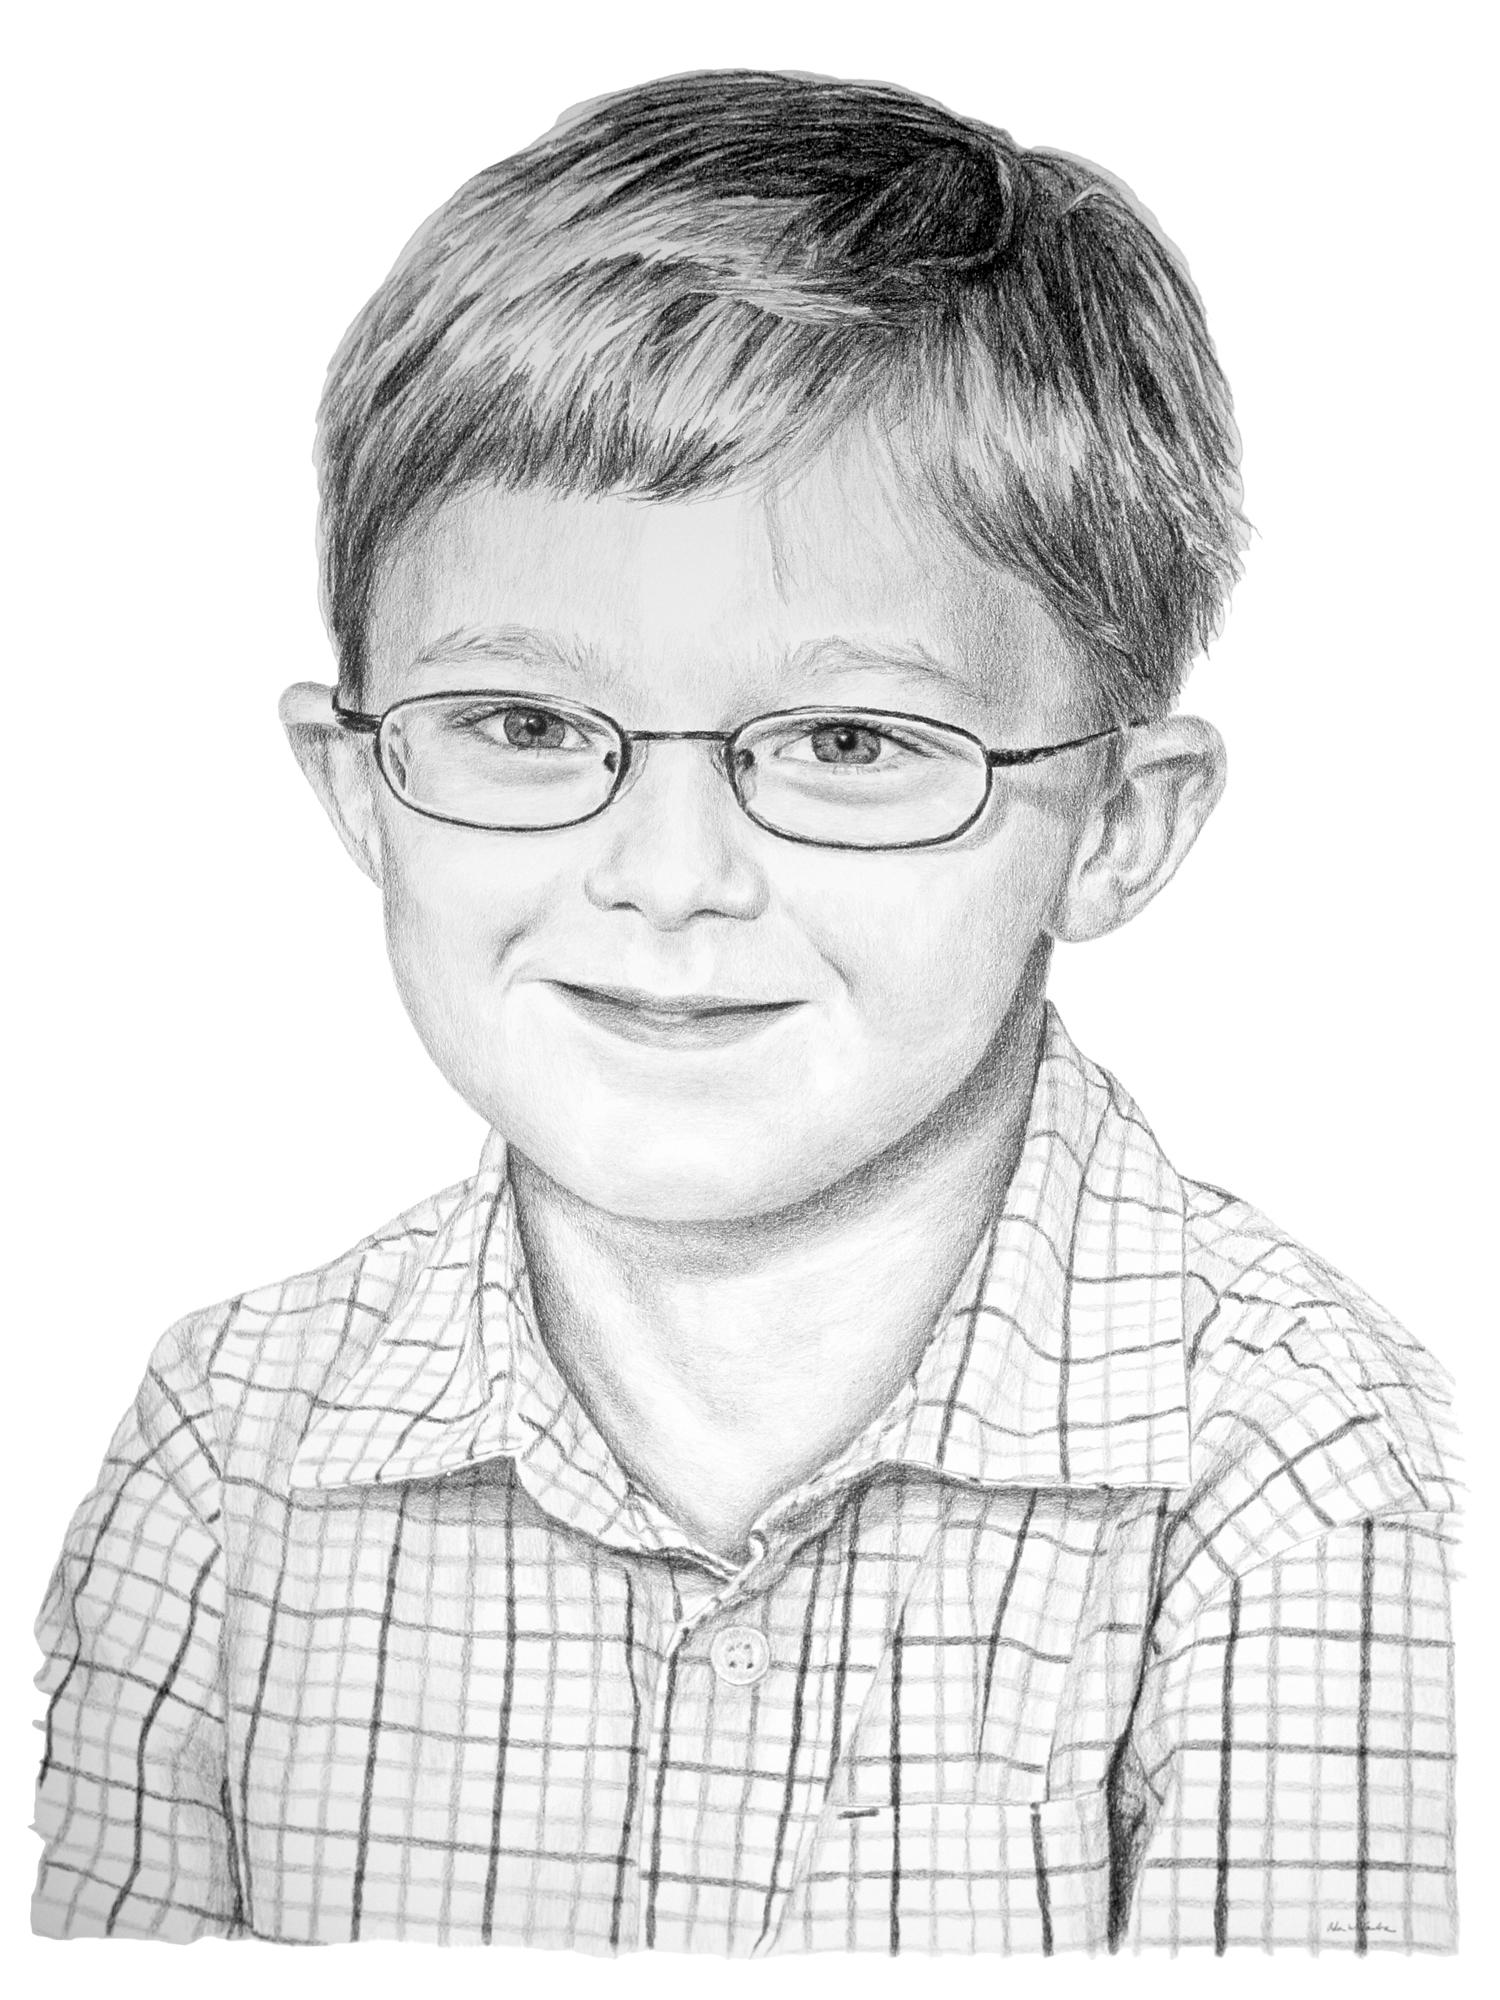 Adam-Carlos-Children- Portrait-025.jpg